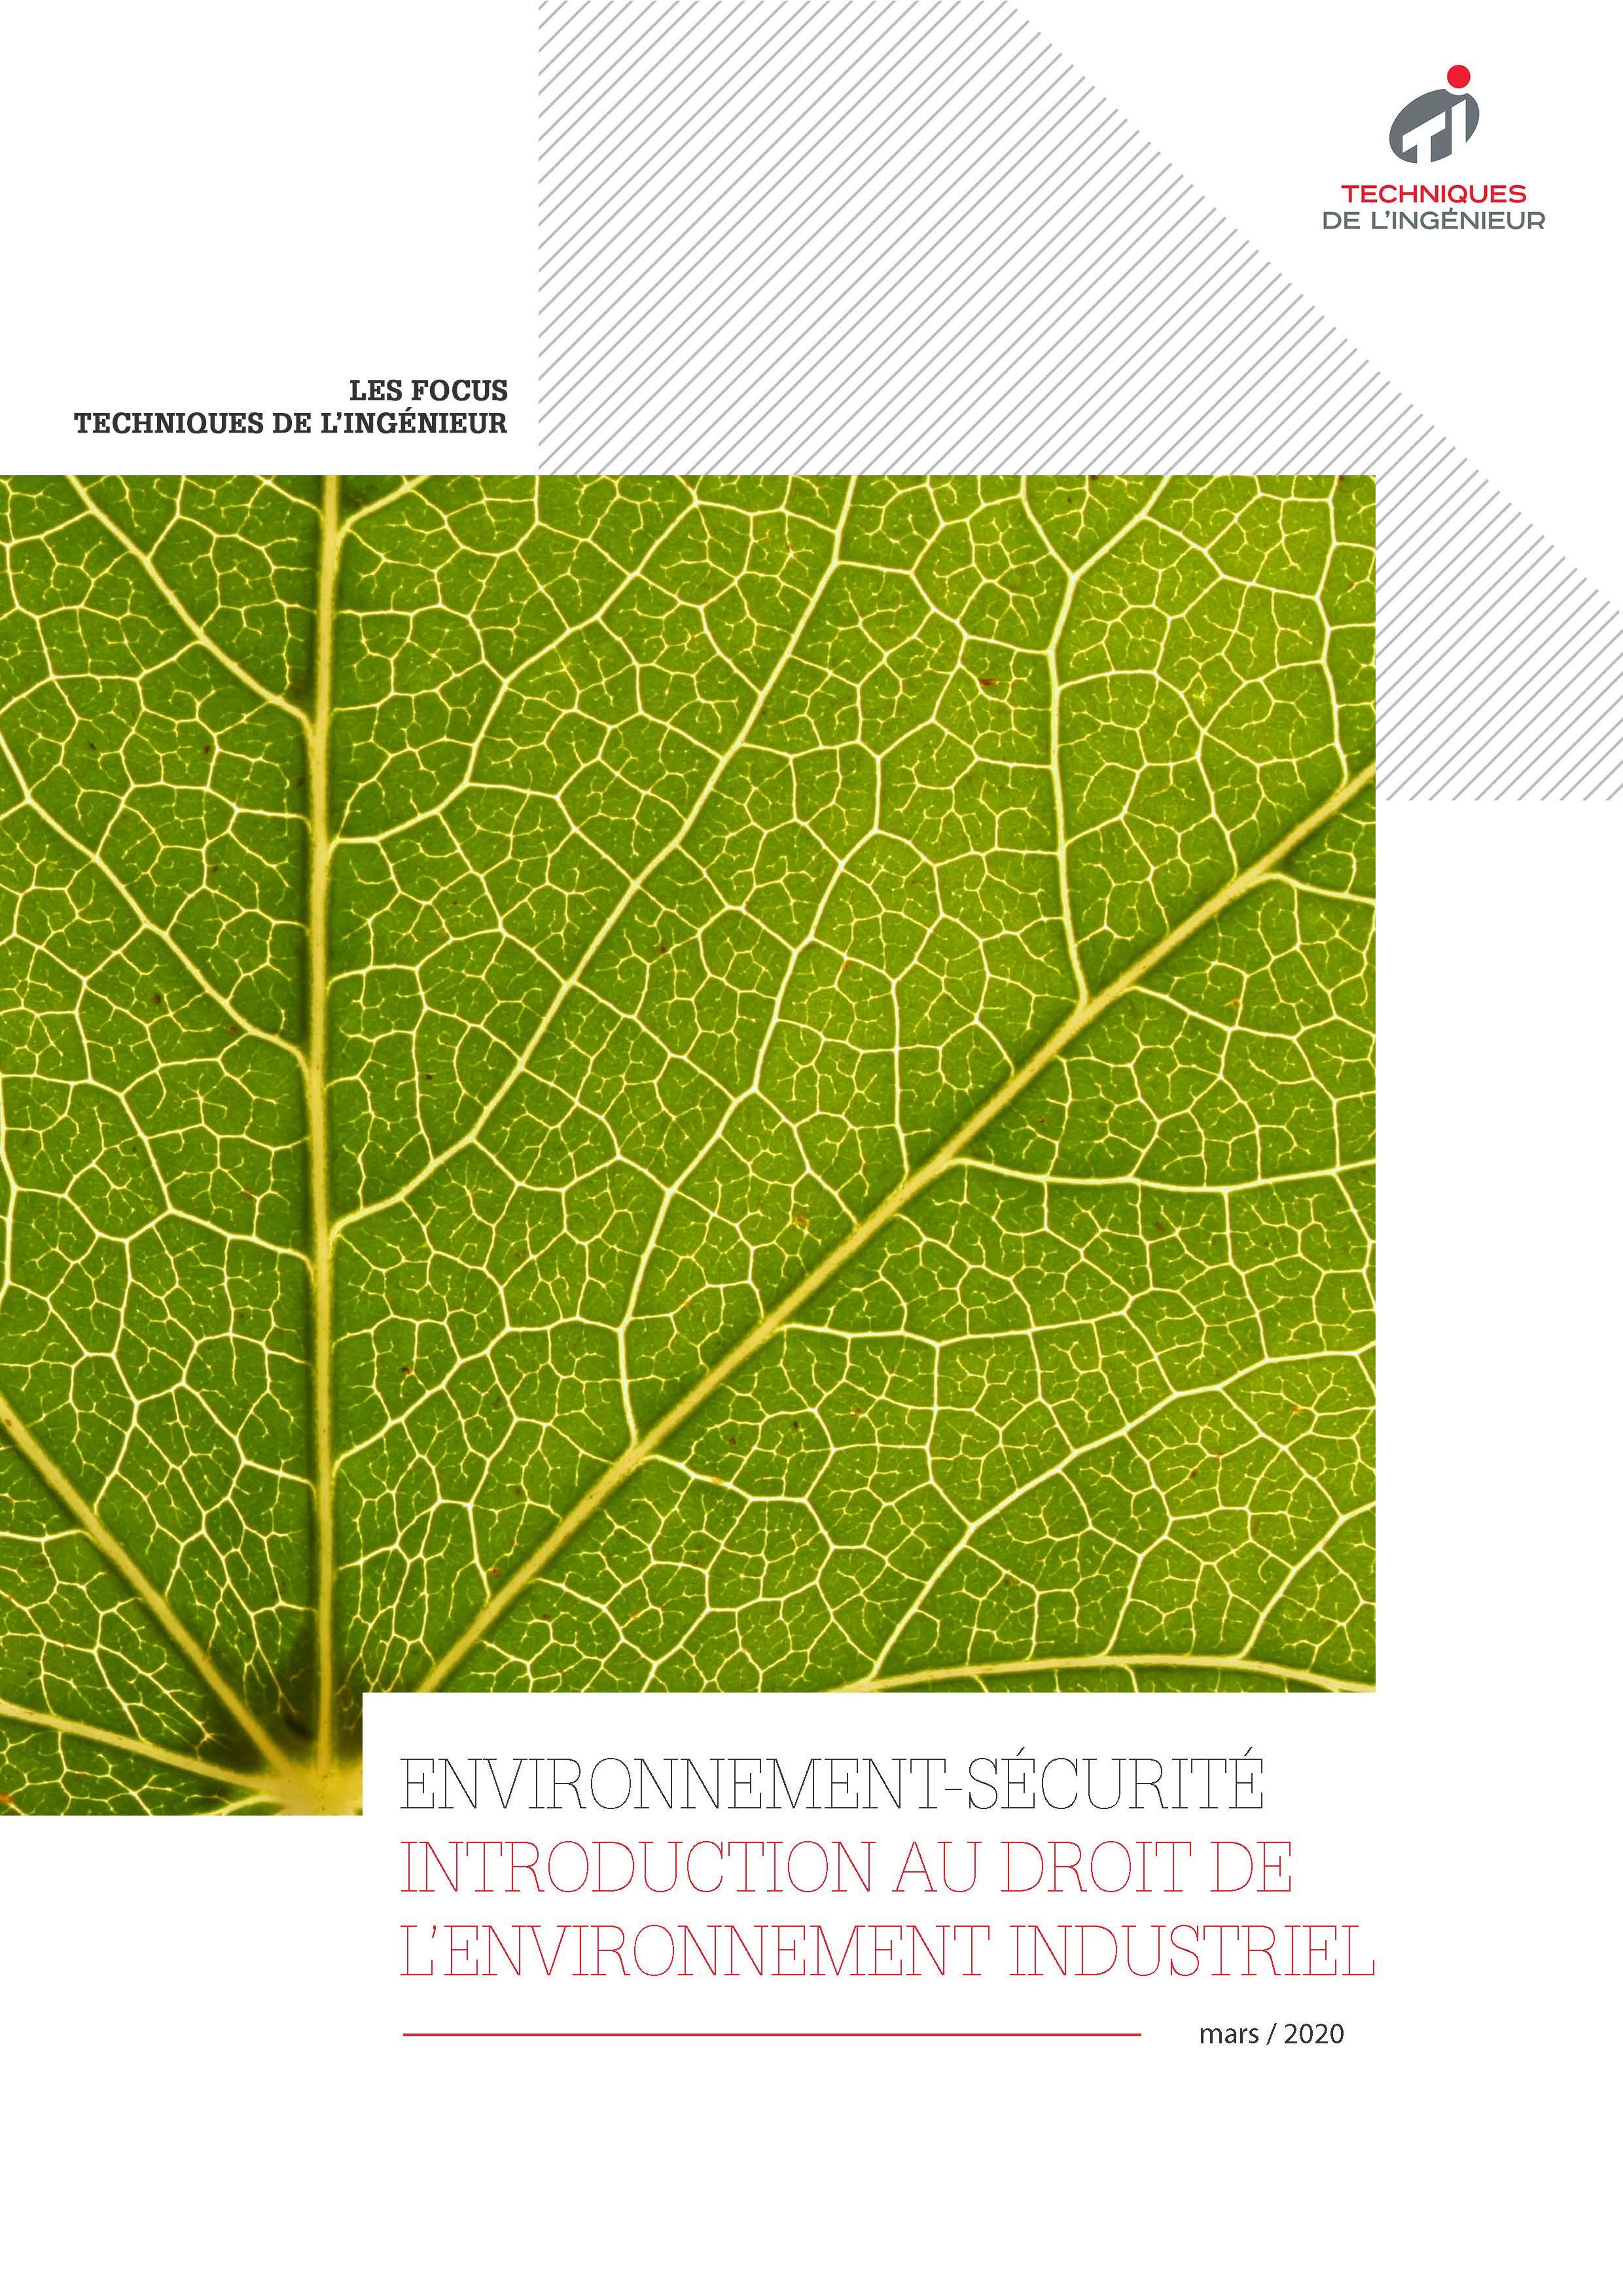 Introduction au droit de l'environnement industriel